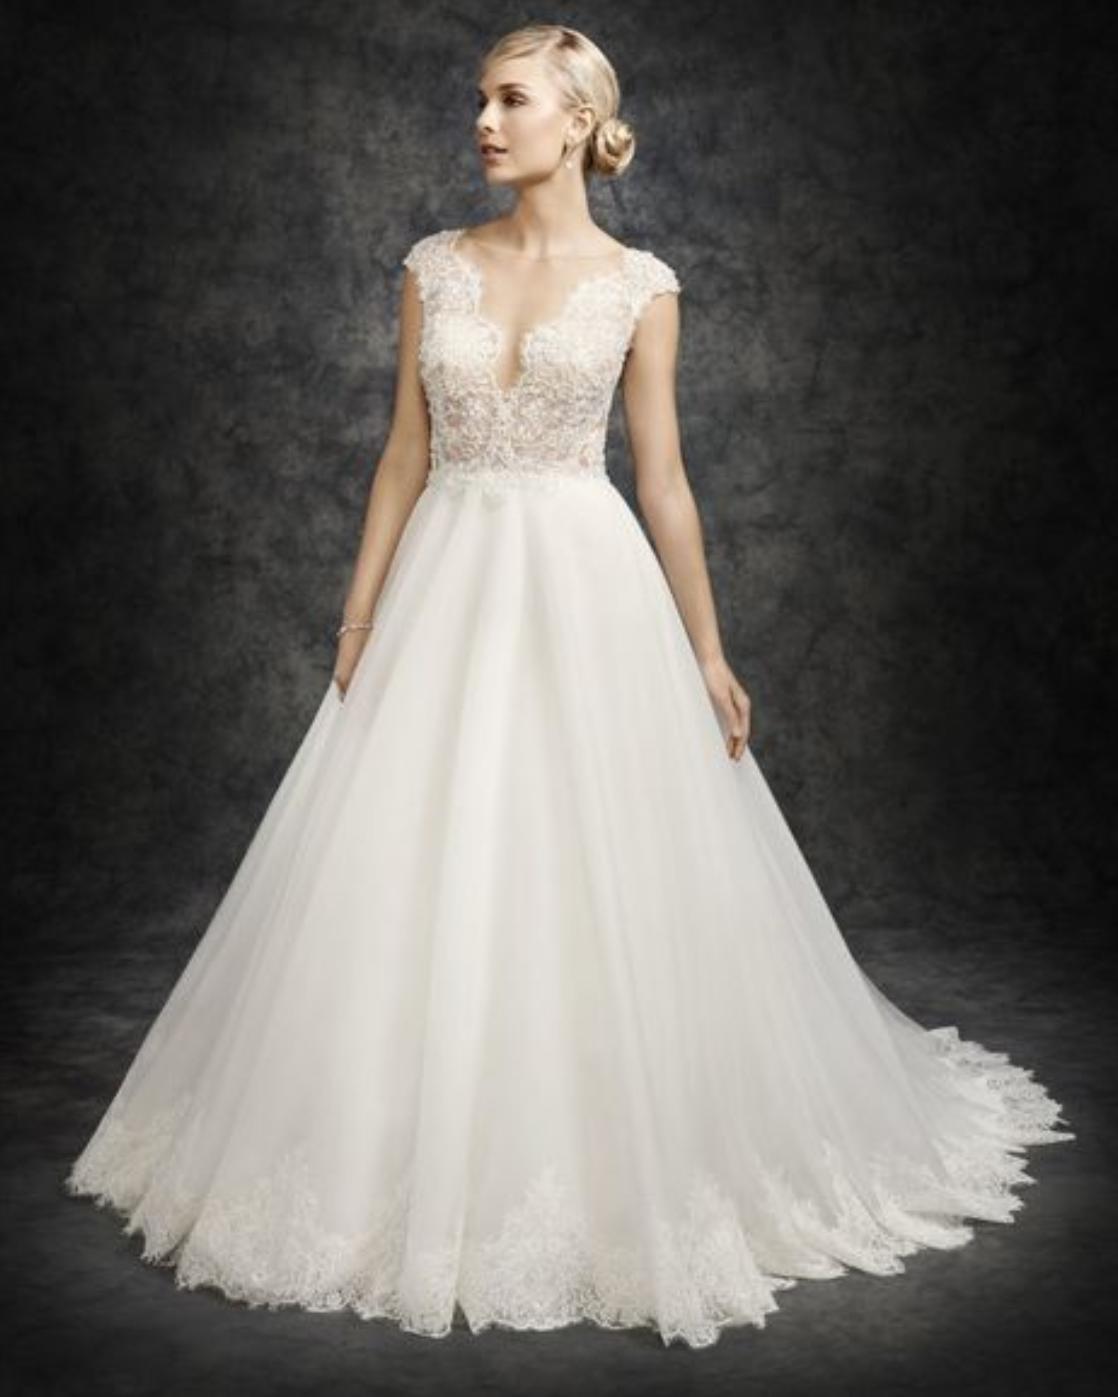 Ella Rosa Be324 Ball Gowns Wedding Wedding Dress Prices A Line Wedding Dress,Wedding Dresses Usa